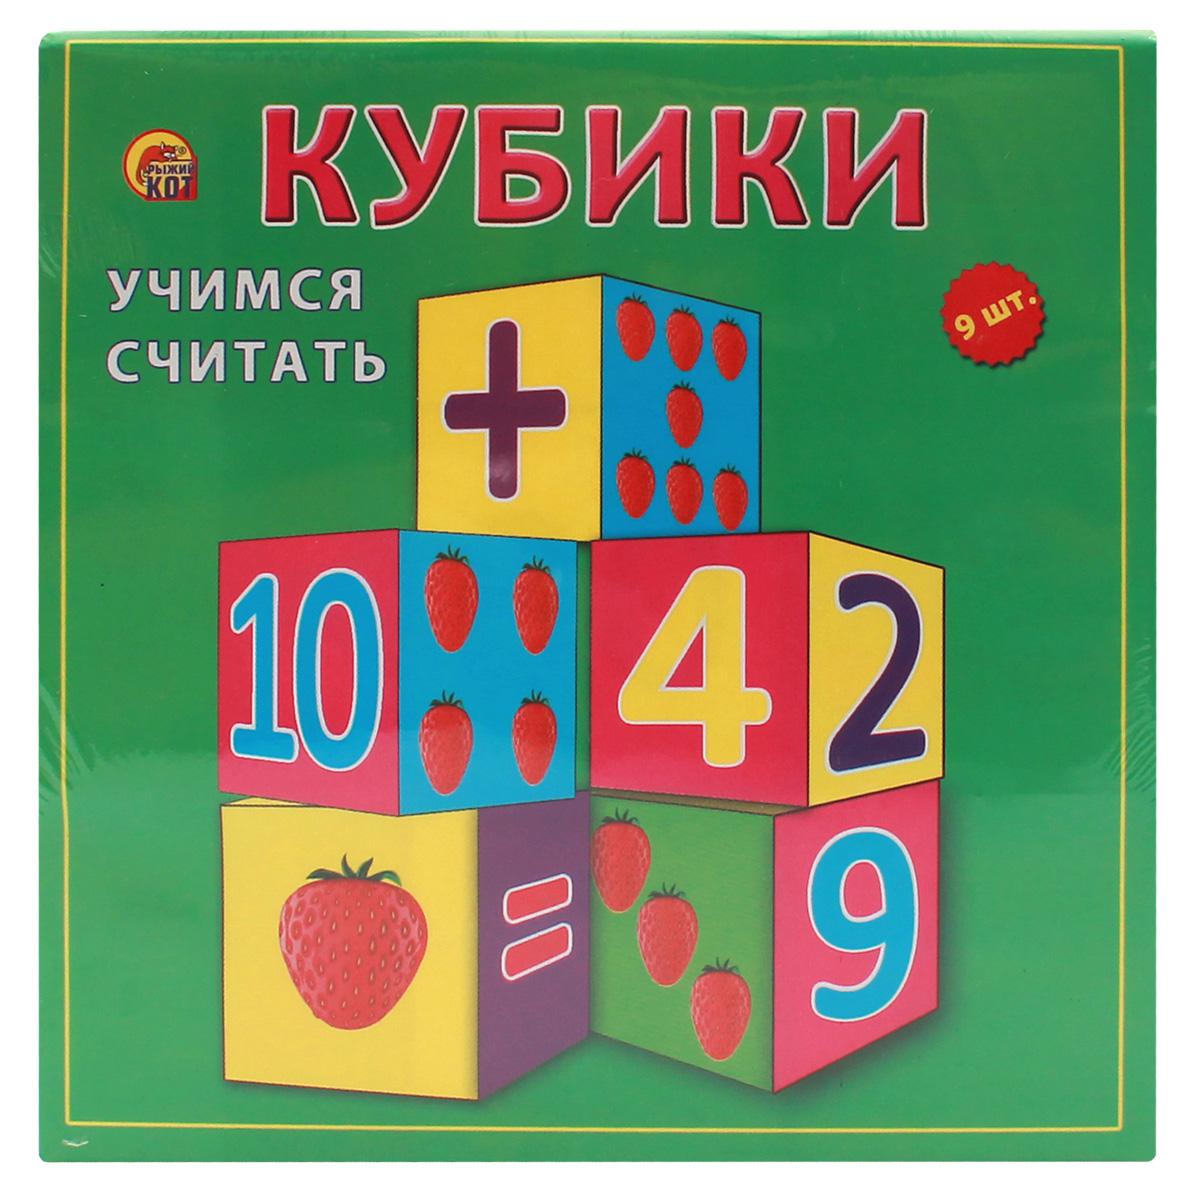 Рыжий Кот Кубики Учимся считать 9 шт